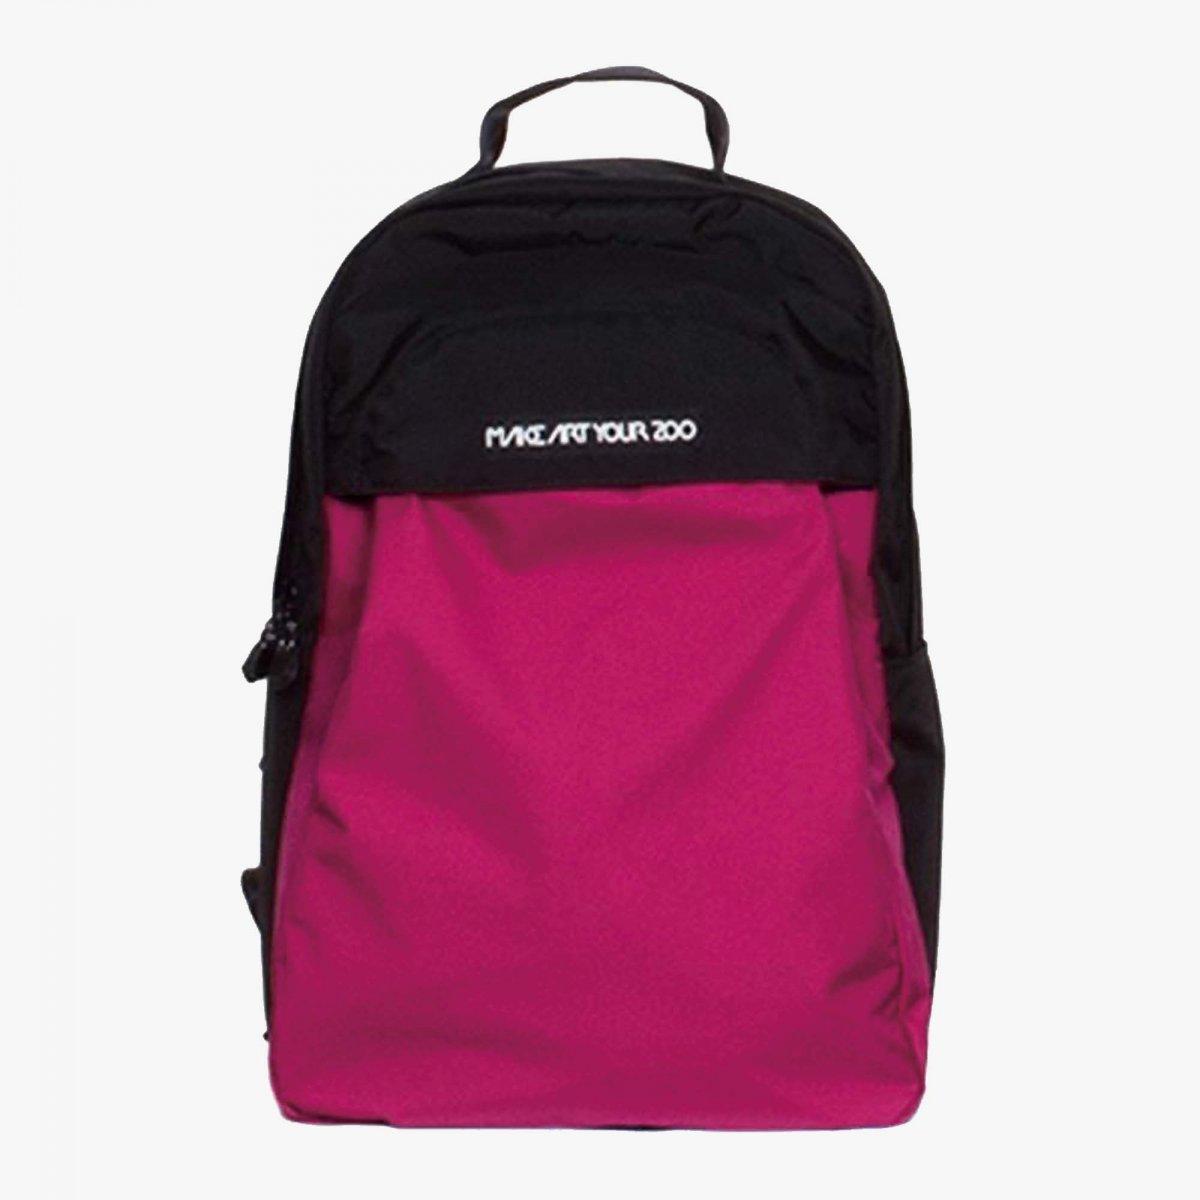 210c6f44db1d ホッピング バランス リュック (PINK) - 軽いユニセックスのバッグ通販 ...